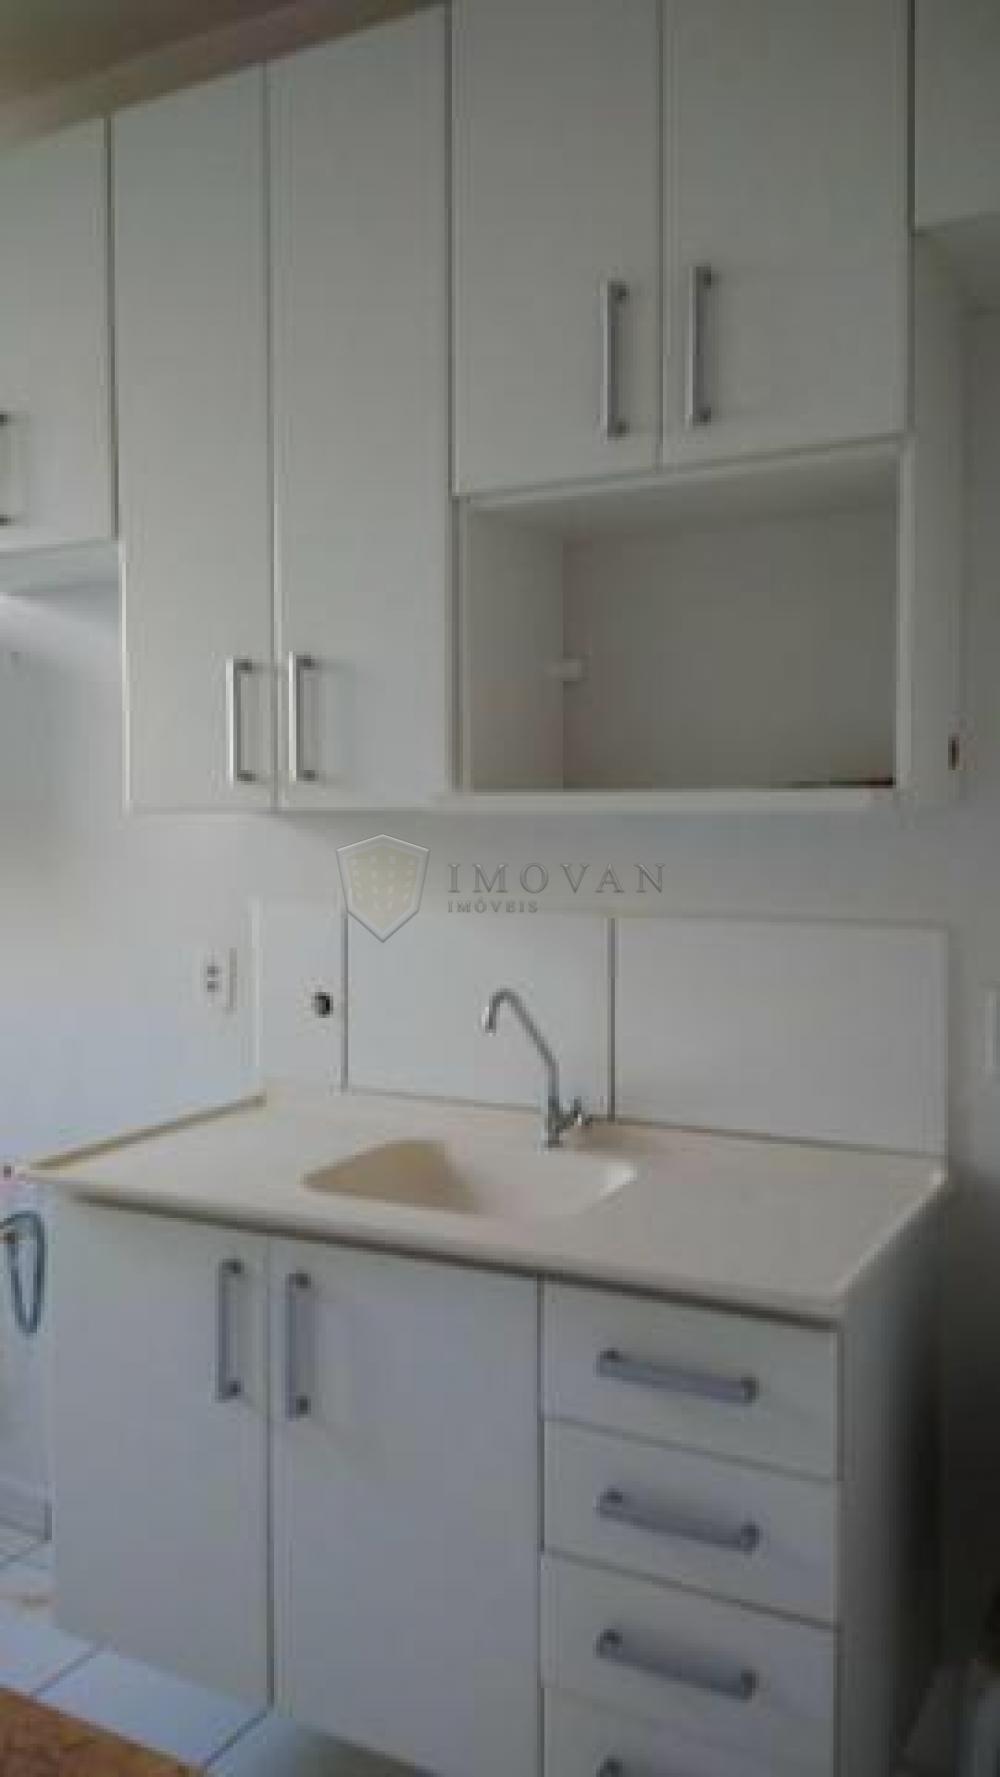 Comprar Apartamento / Padrão em Ribeirão Preto apenas R$ 145.000,00 - Foto 7